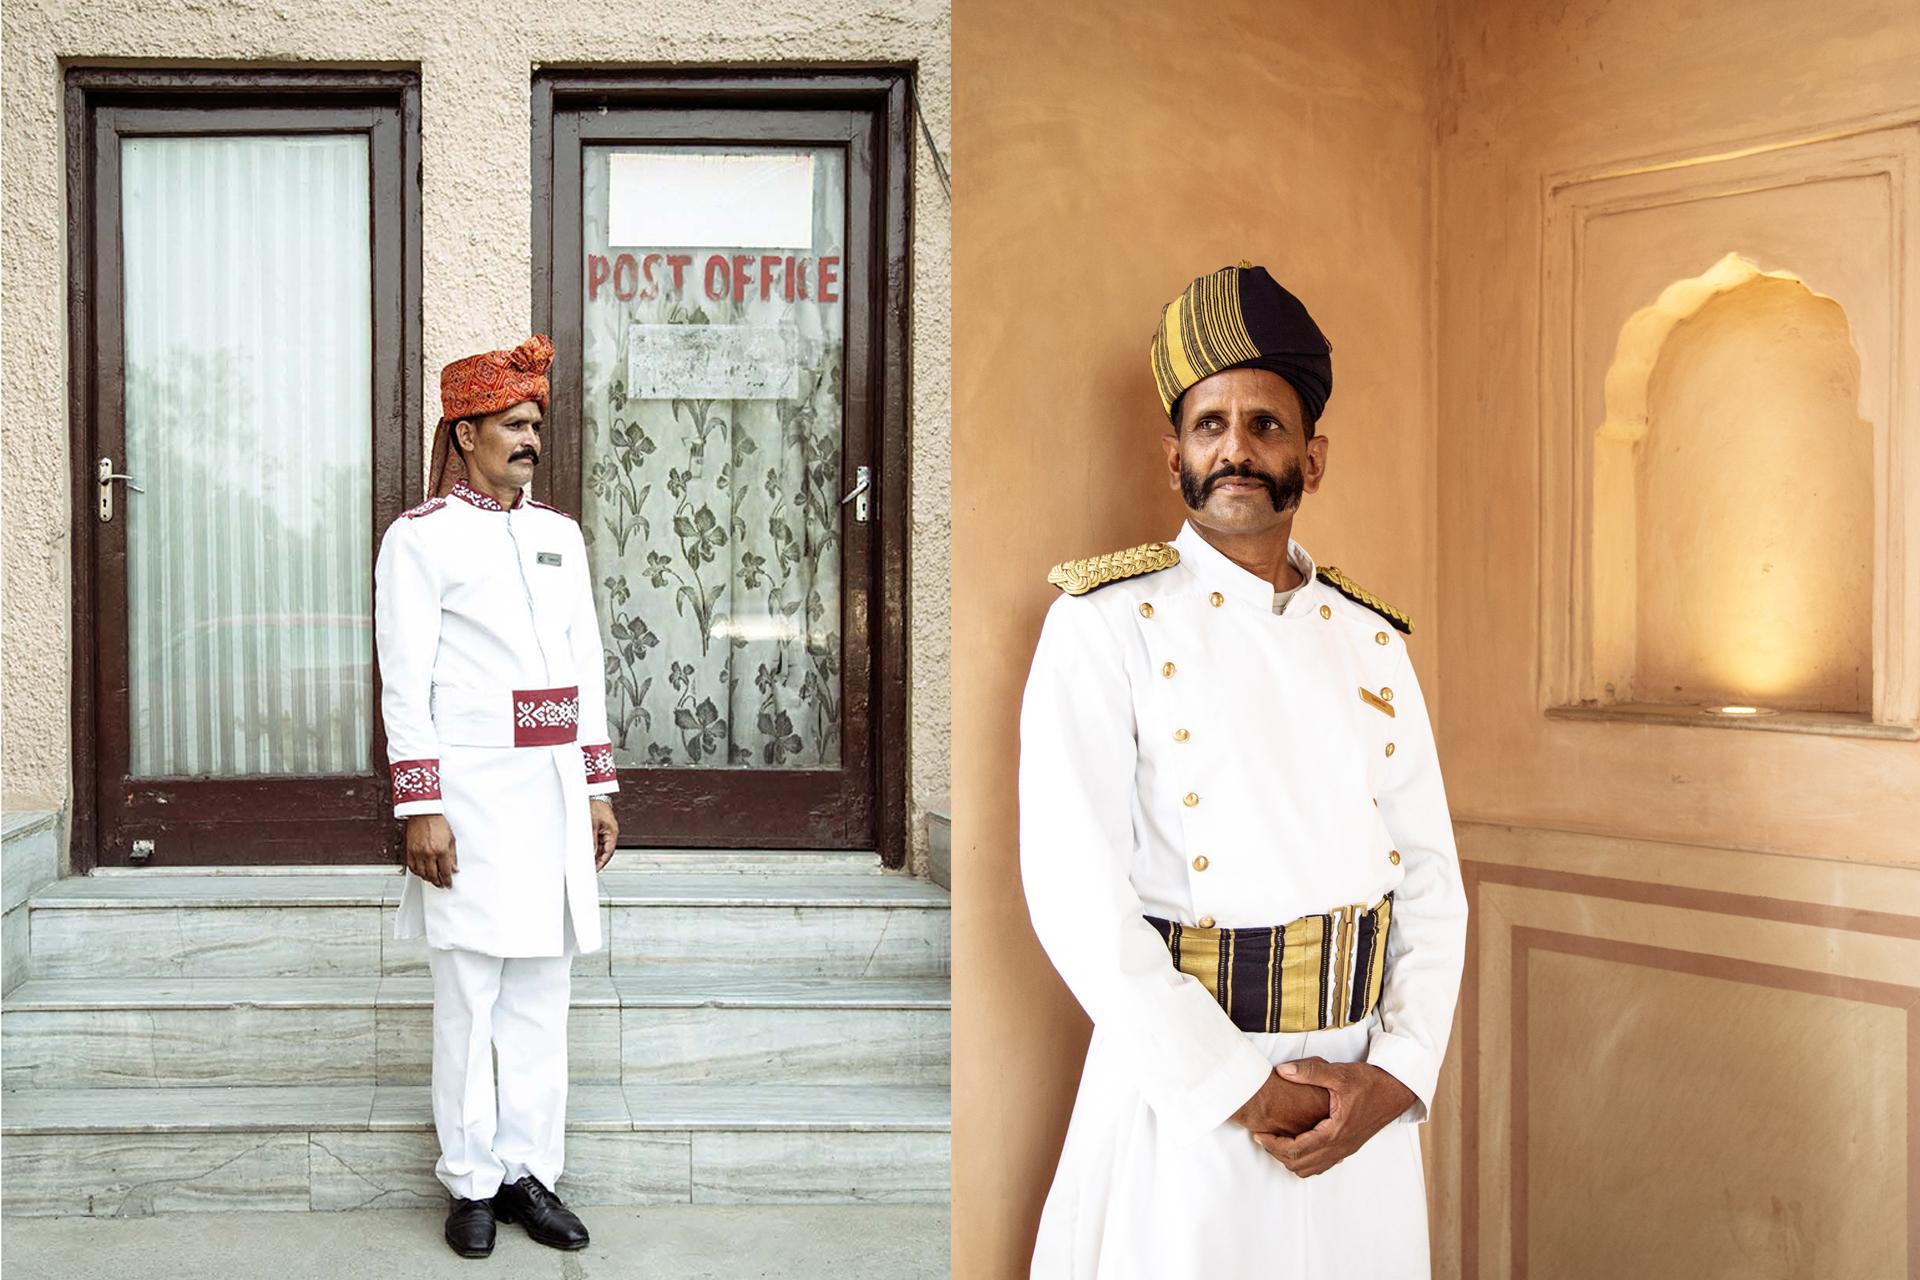 Viaggio Nell'India Che Non C'è | Il Miraggio Dei Durbaan